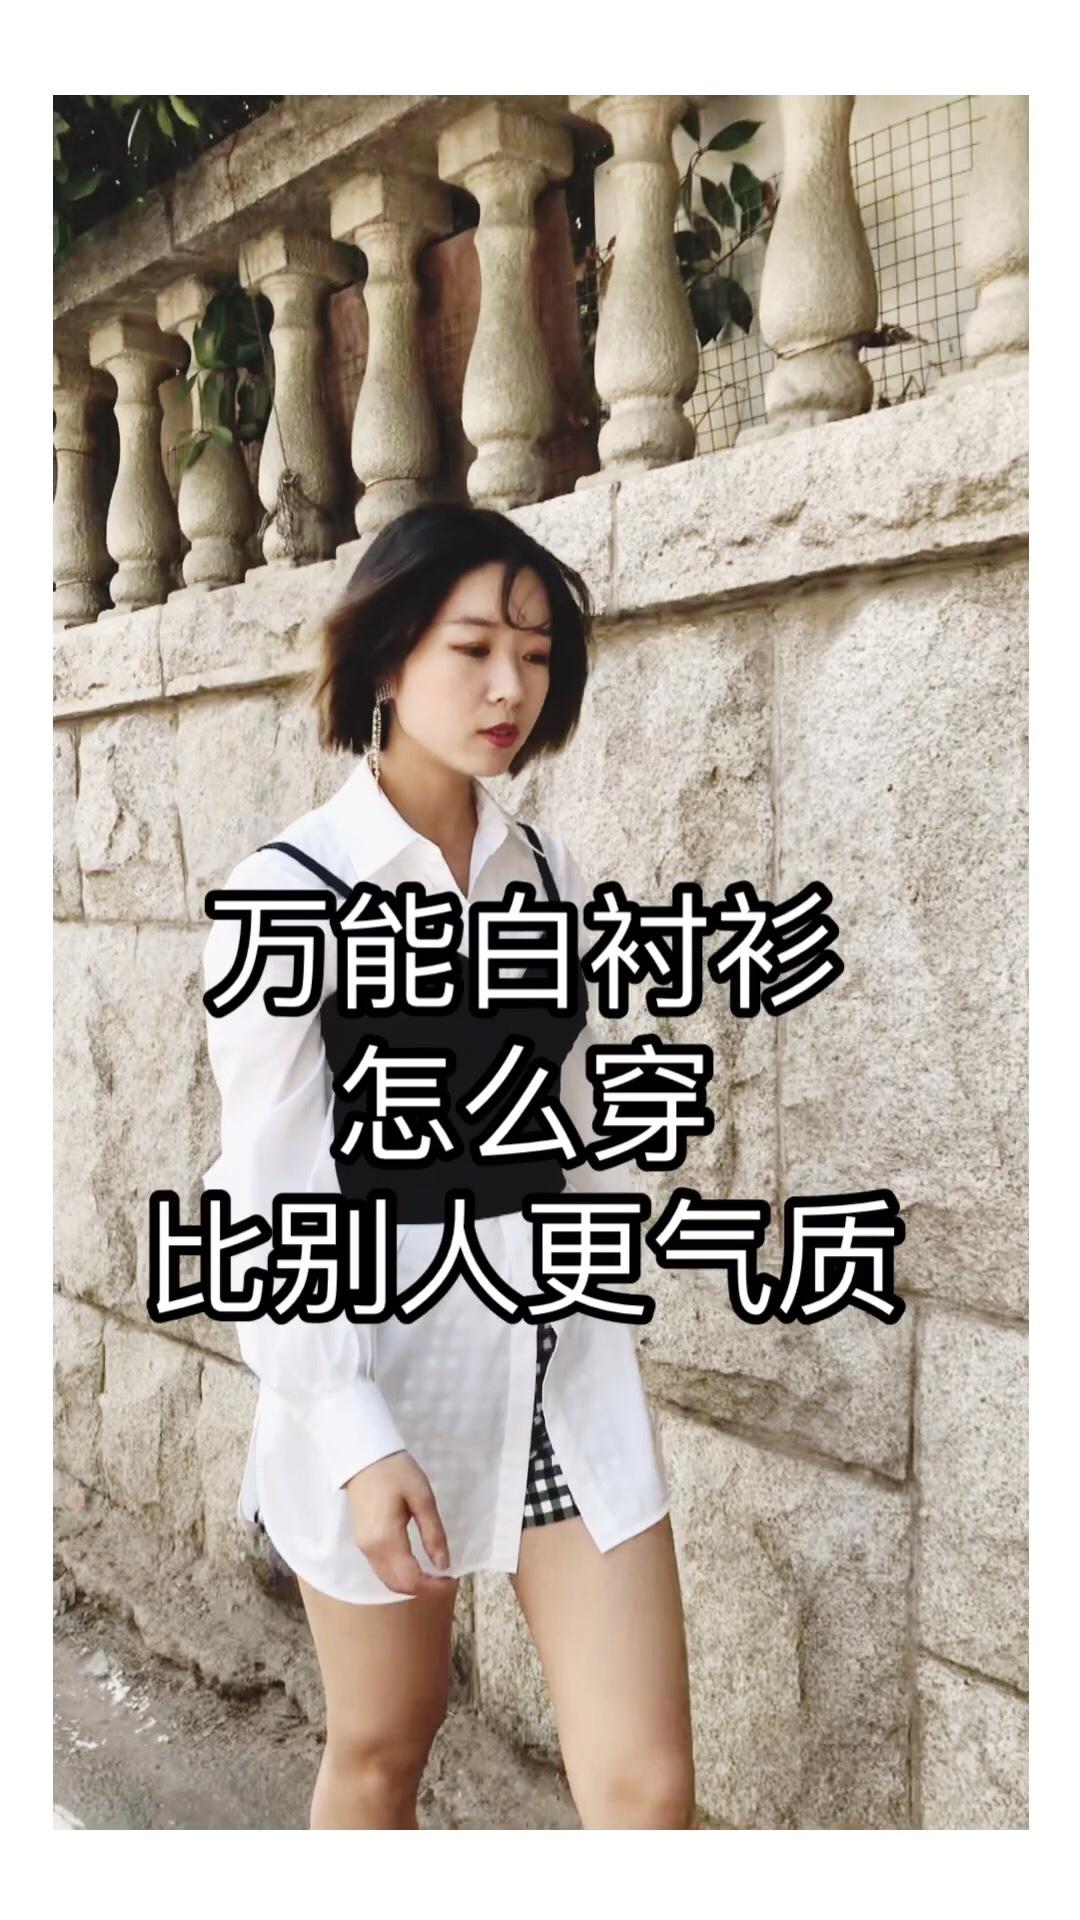 #六月30℃降暑穿搭,全部拿下!# 每个人衣橱里都少不了一件白衬衫,白衬衫无论是在正式场合穿,还是作为休闲装穿,都有着一套特定的穿搭技巧,今天小编就给大家介绍几种最潮最流行方式,希望能帮到爱美的你哦,文末有当红明星穿搭白衬衫,简直美到不能呼吸,如果喜欢请记得收藏哦。